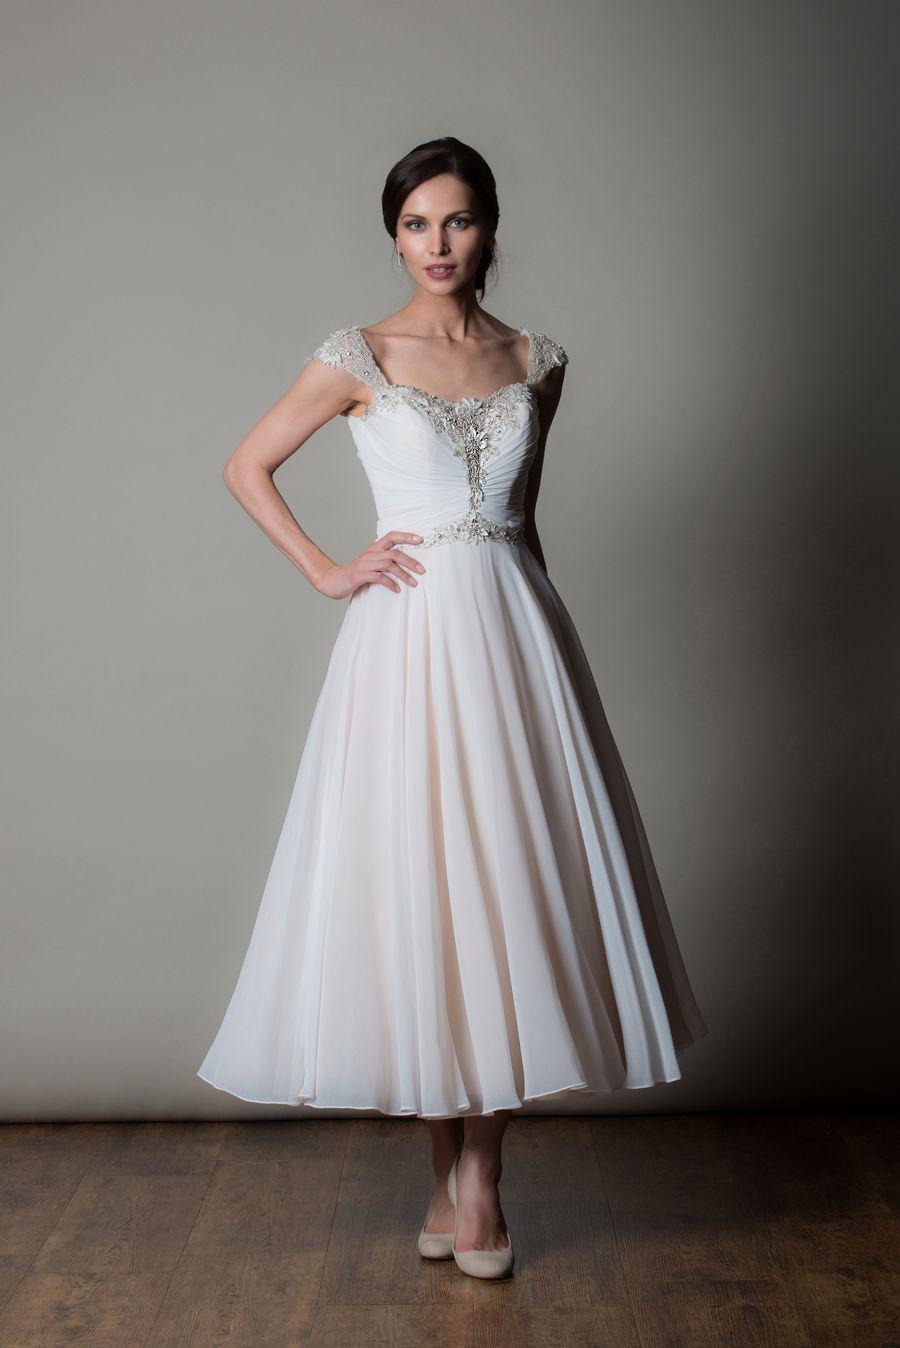 wedding dresses for older brides Knee length